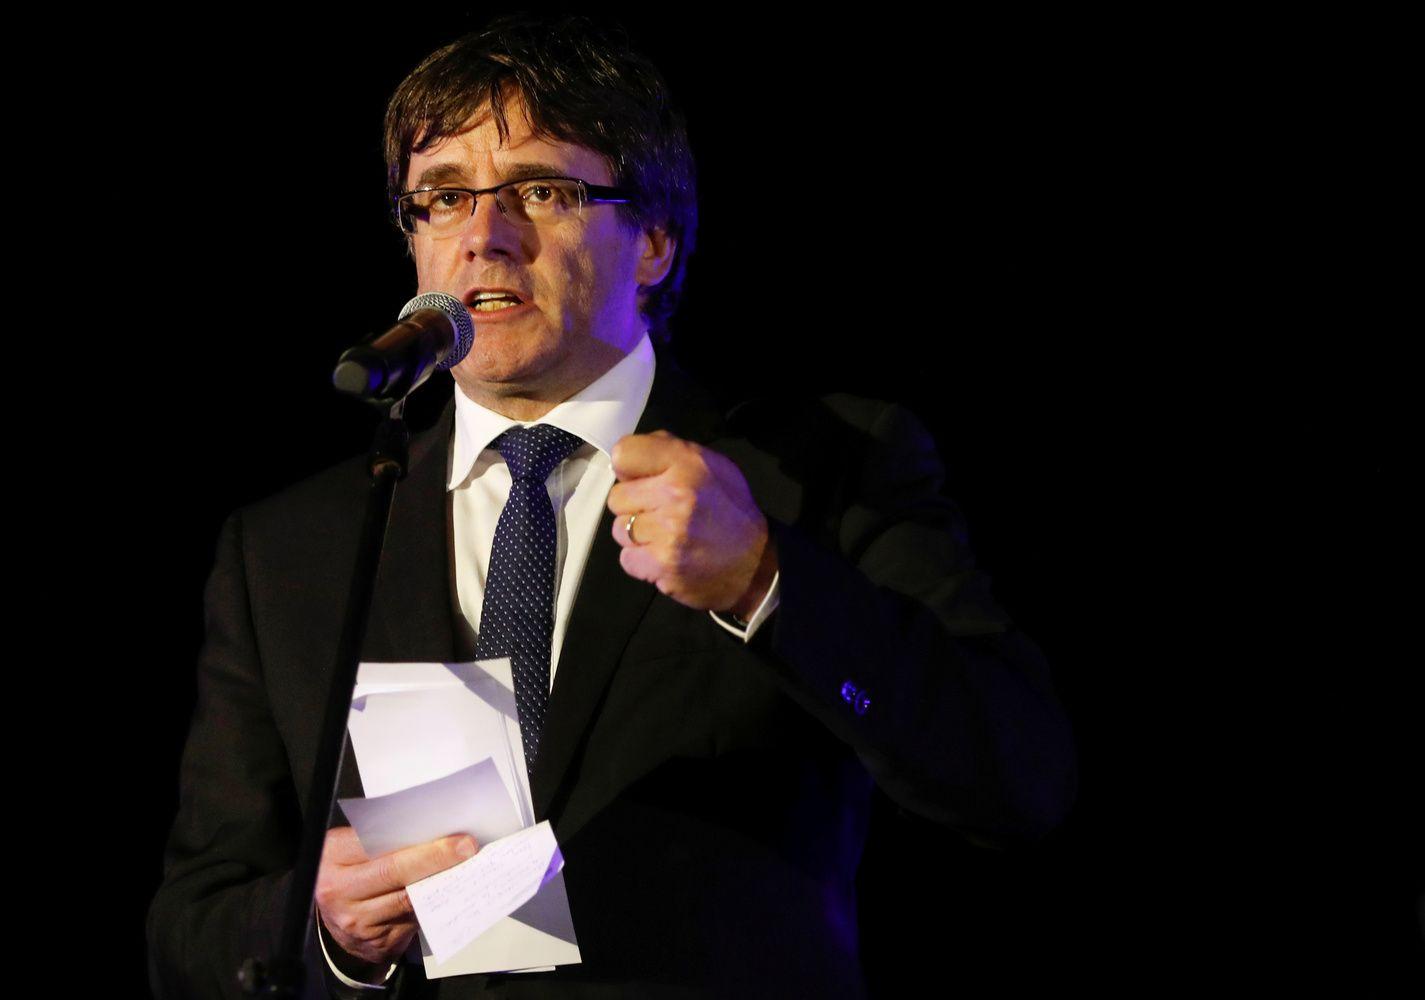 Katalonų referendumo rezultatai skaičiuojami sužeistaisiais